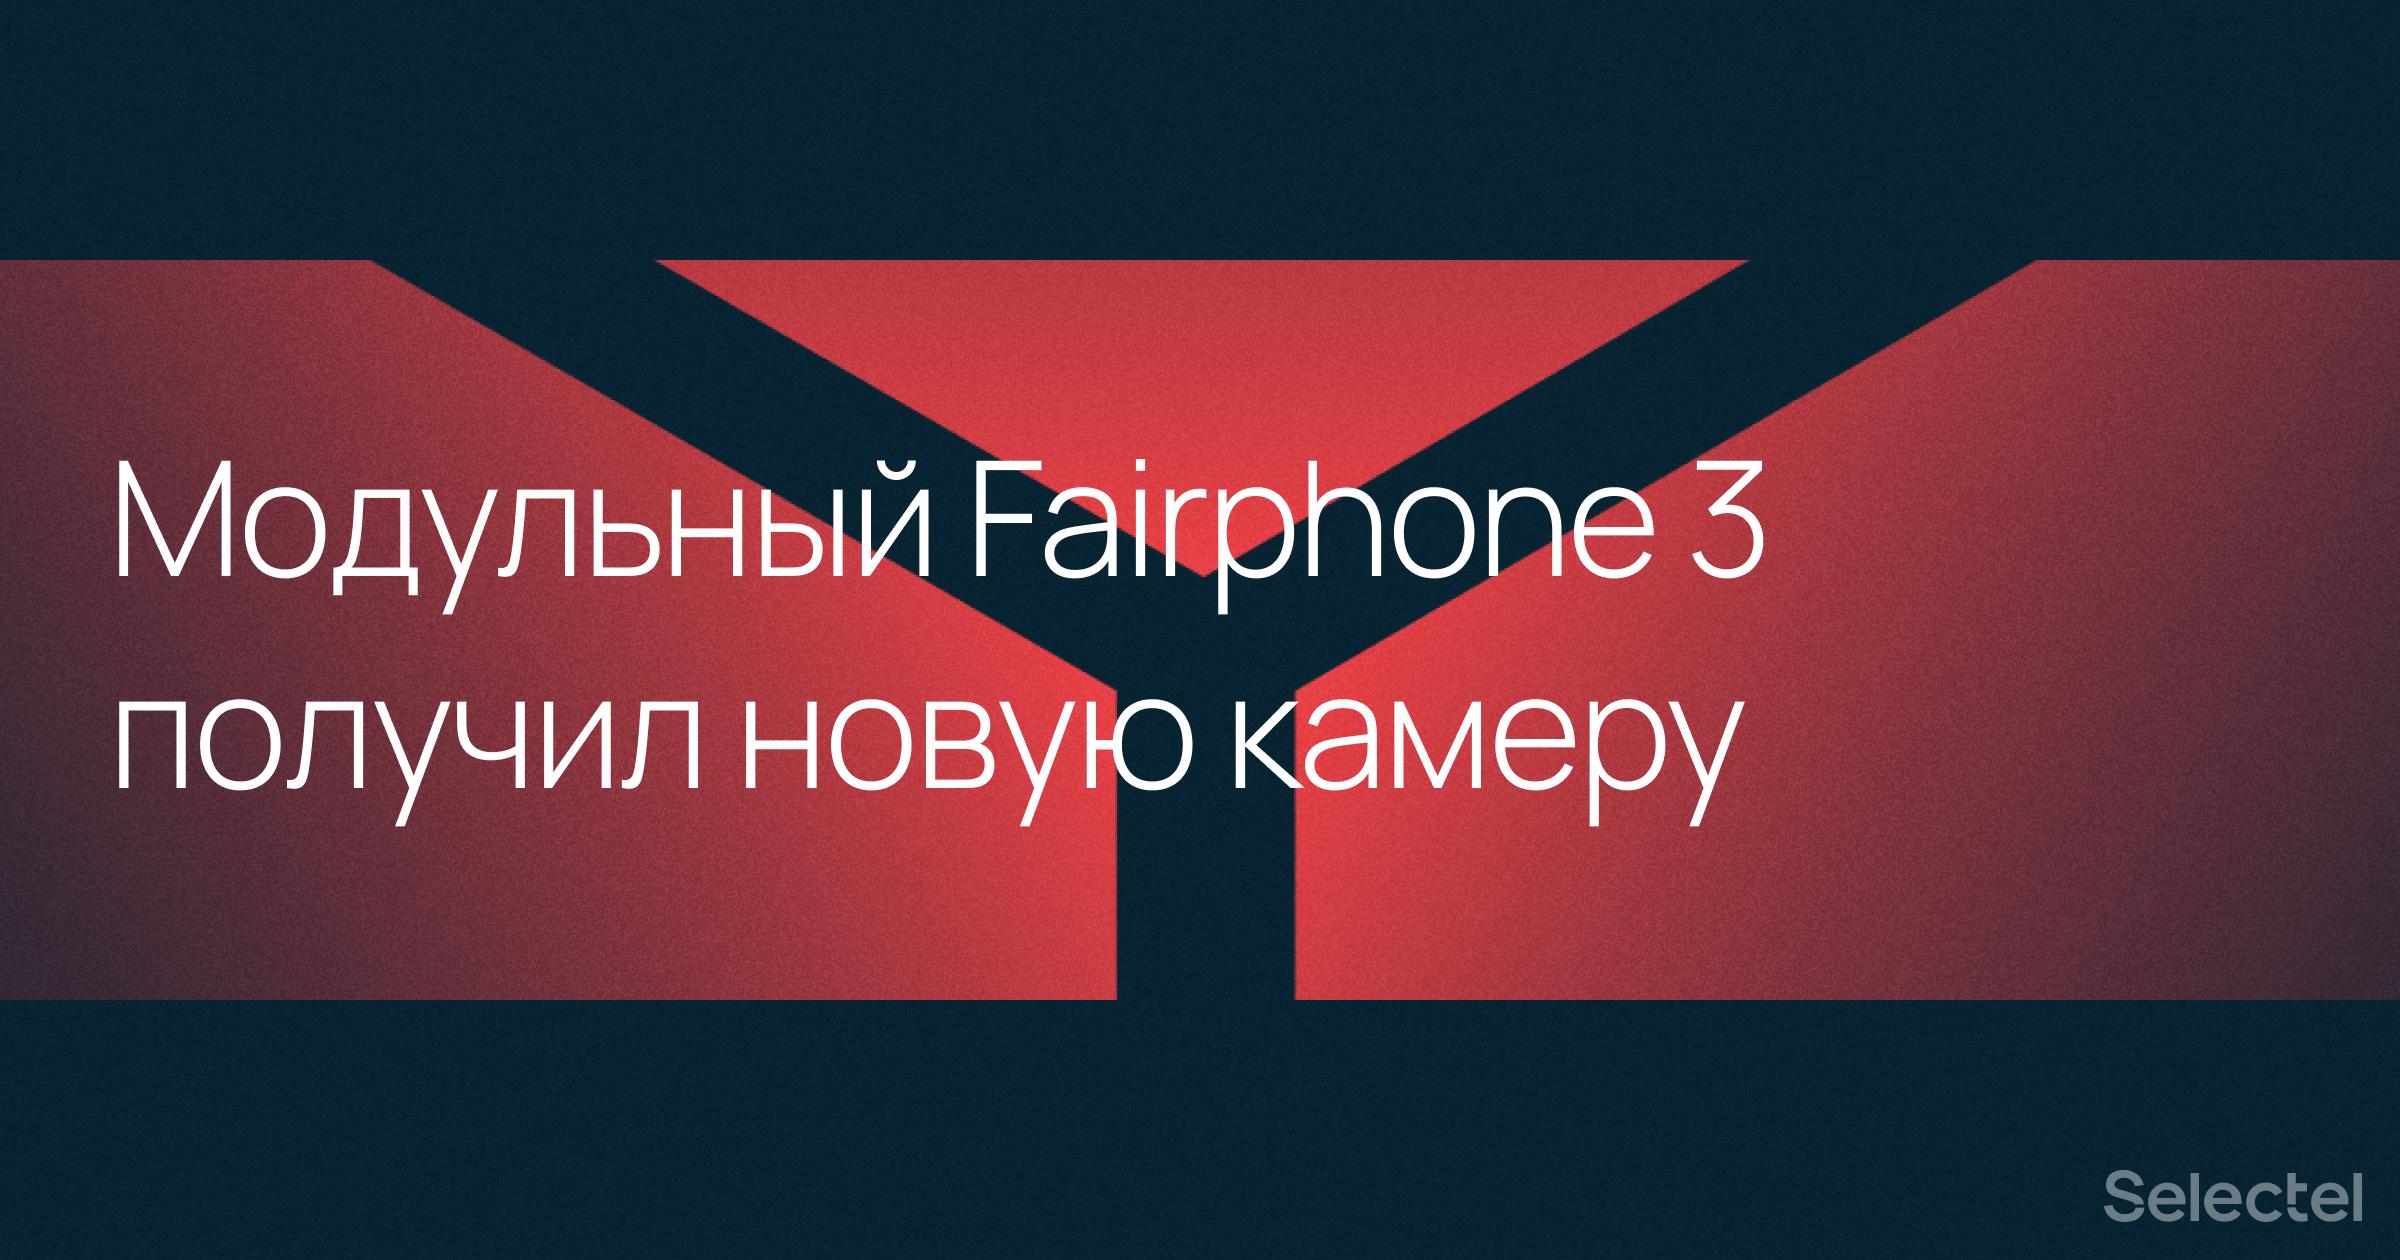 Модульный телефон Fairphone 3 получил обновленную камеру - 1